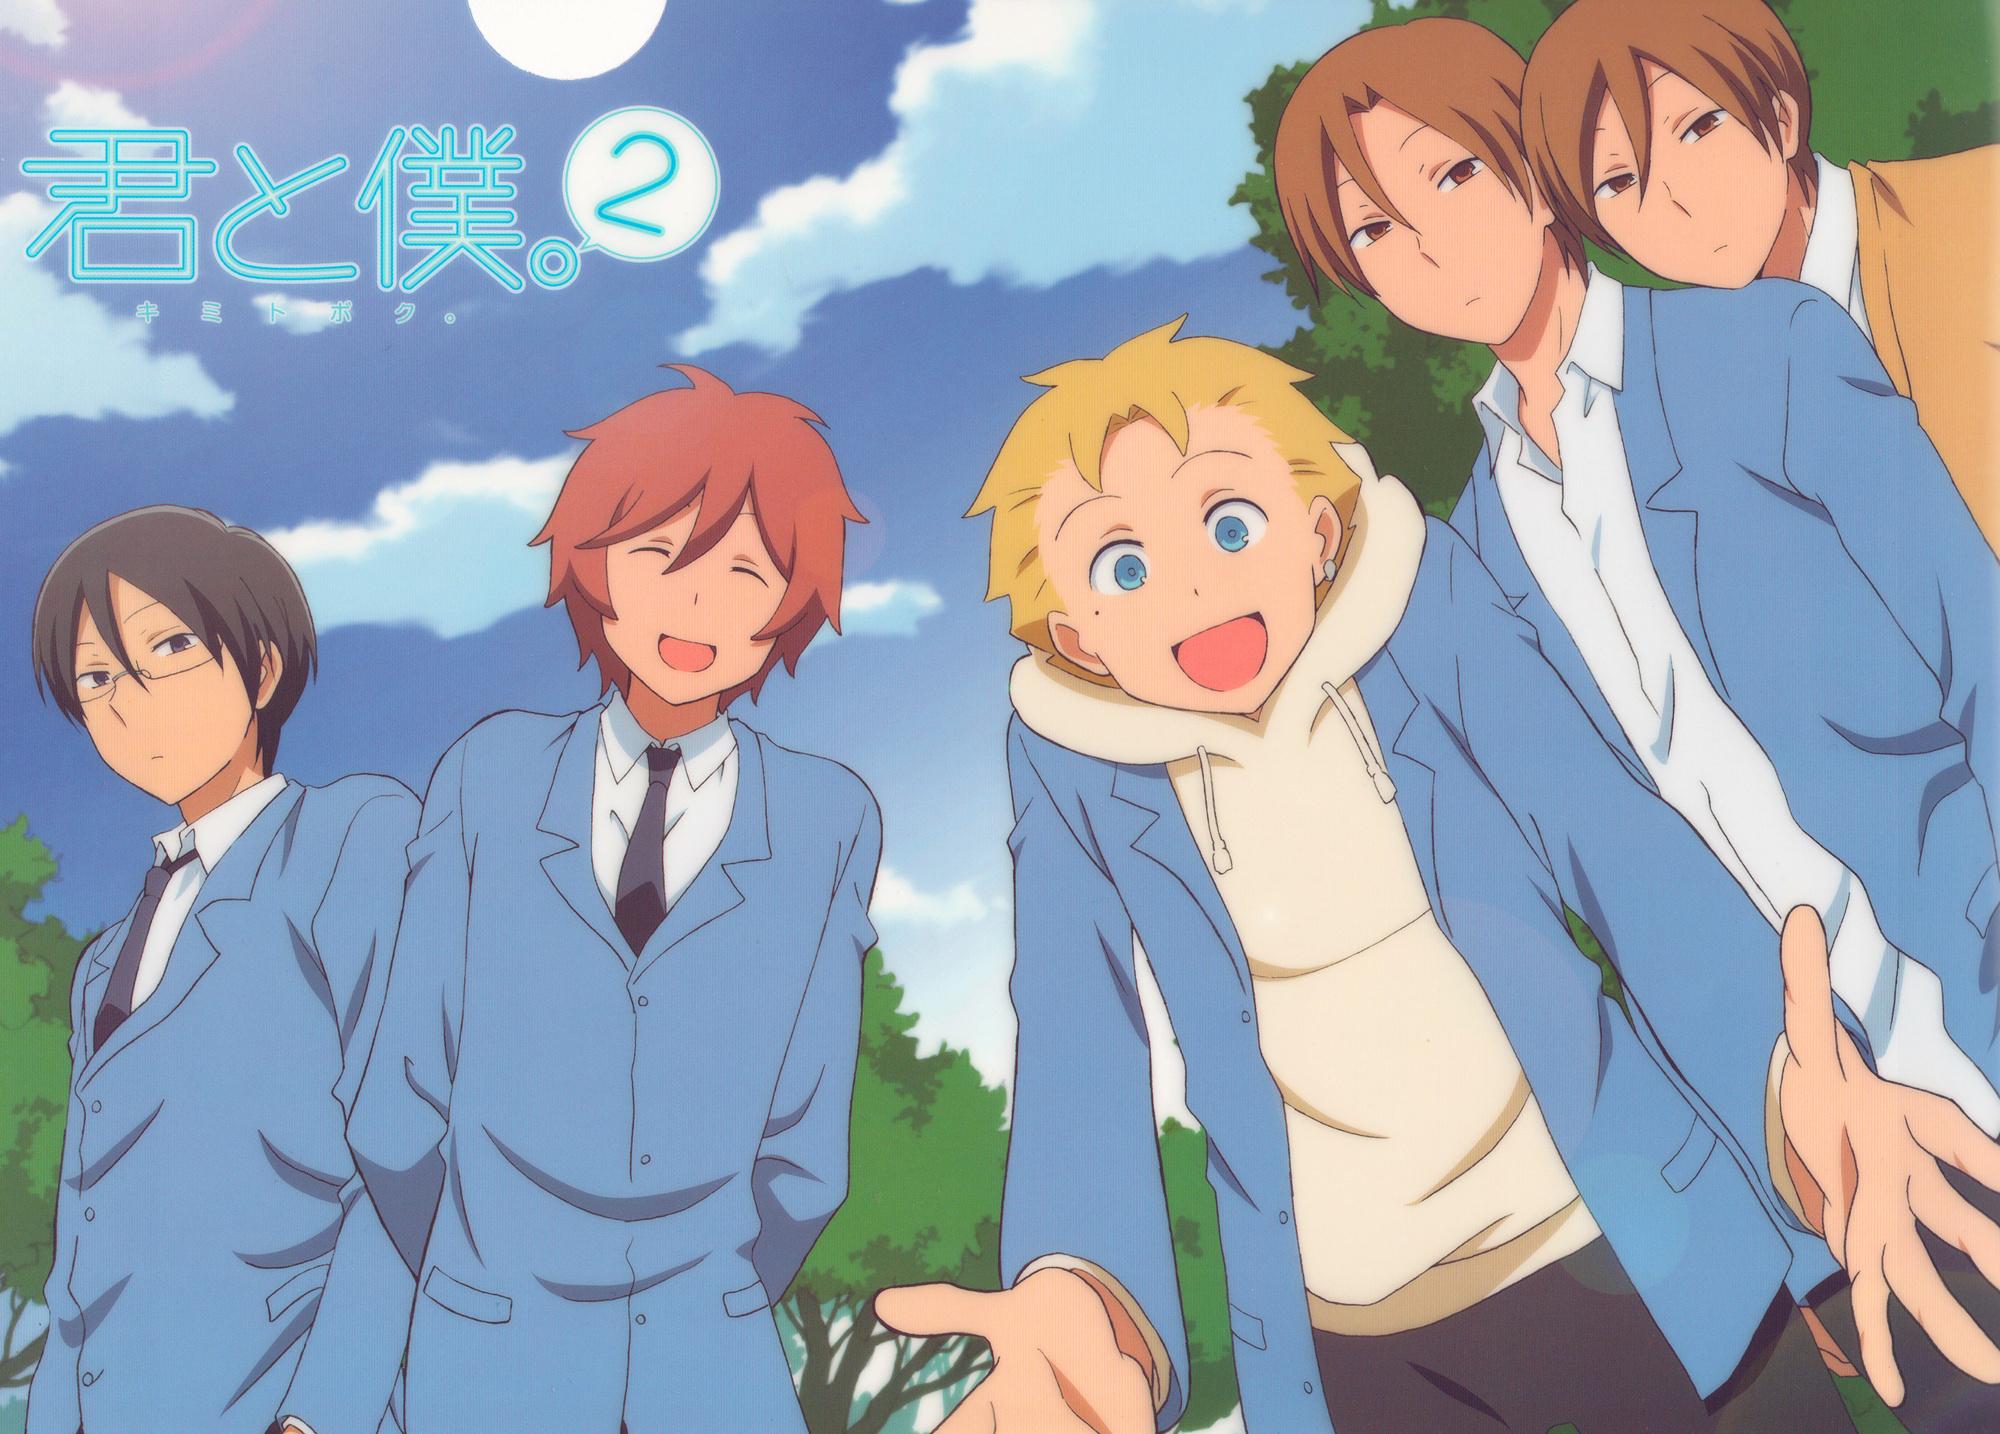 Смотреть аниме boku no piko без цензуры 17 фотография